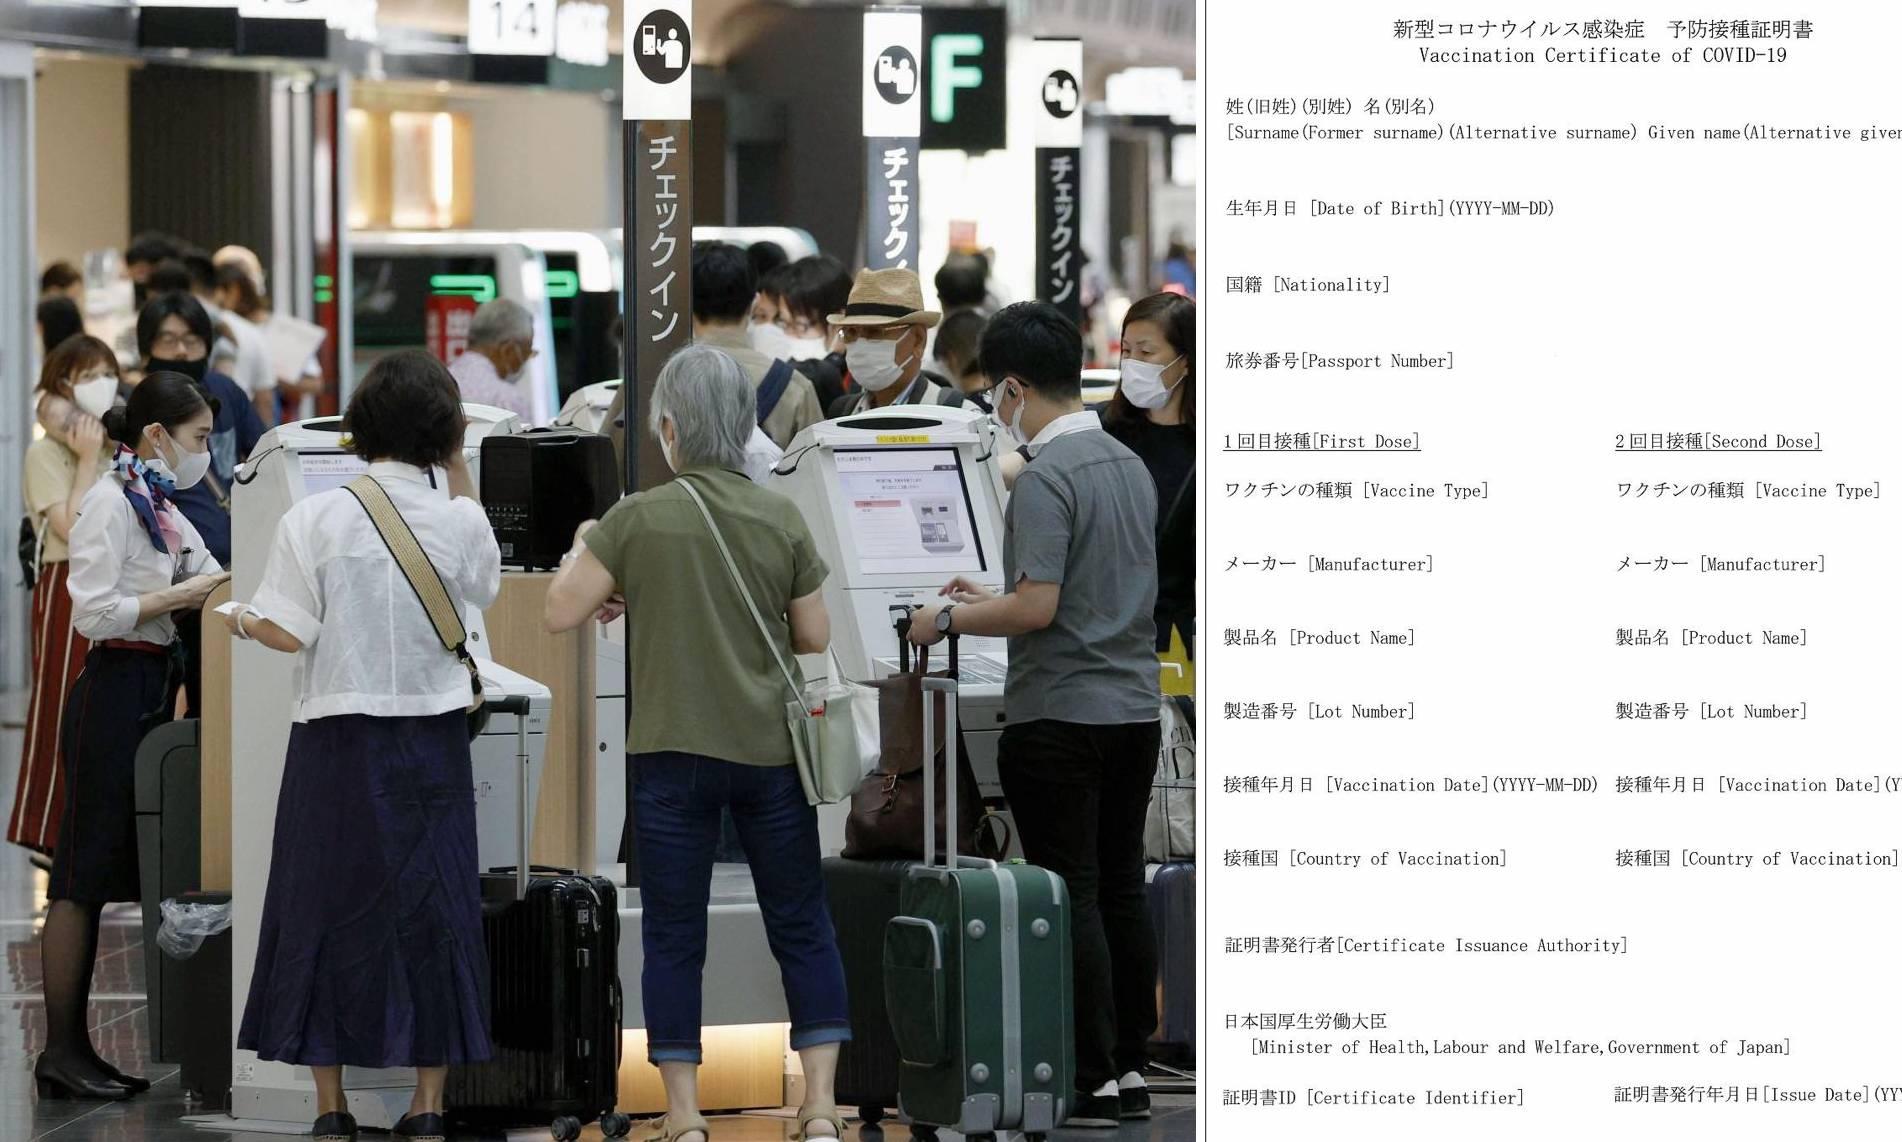 भ्याक्सिन पासपोर्ट : जापानले कुन देशको स्विकार्छ अनि कुन देश सजिलै यात्रा गर्न पाईन्छ ?